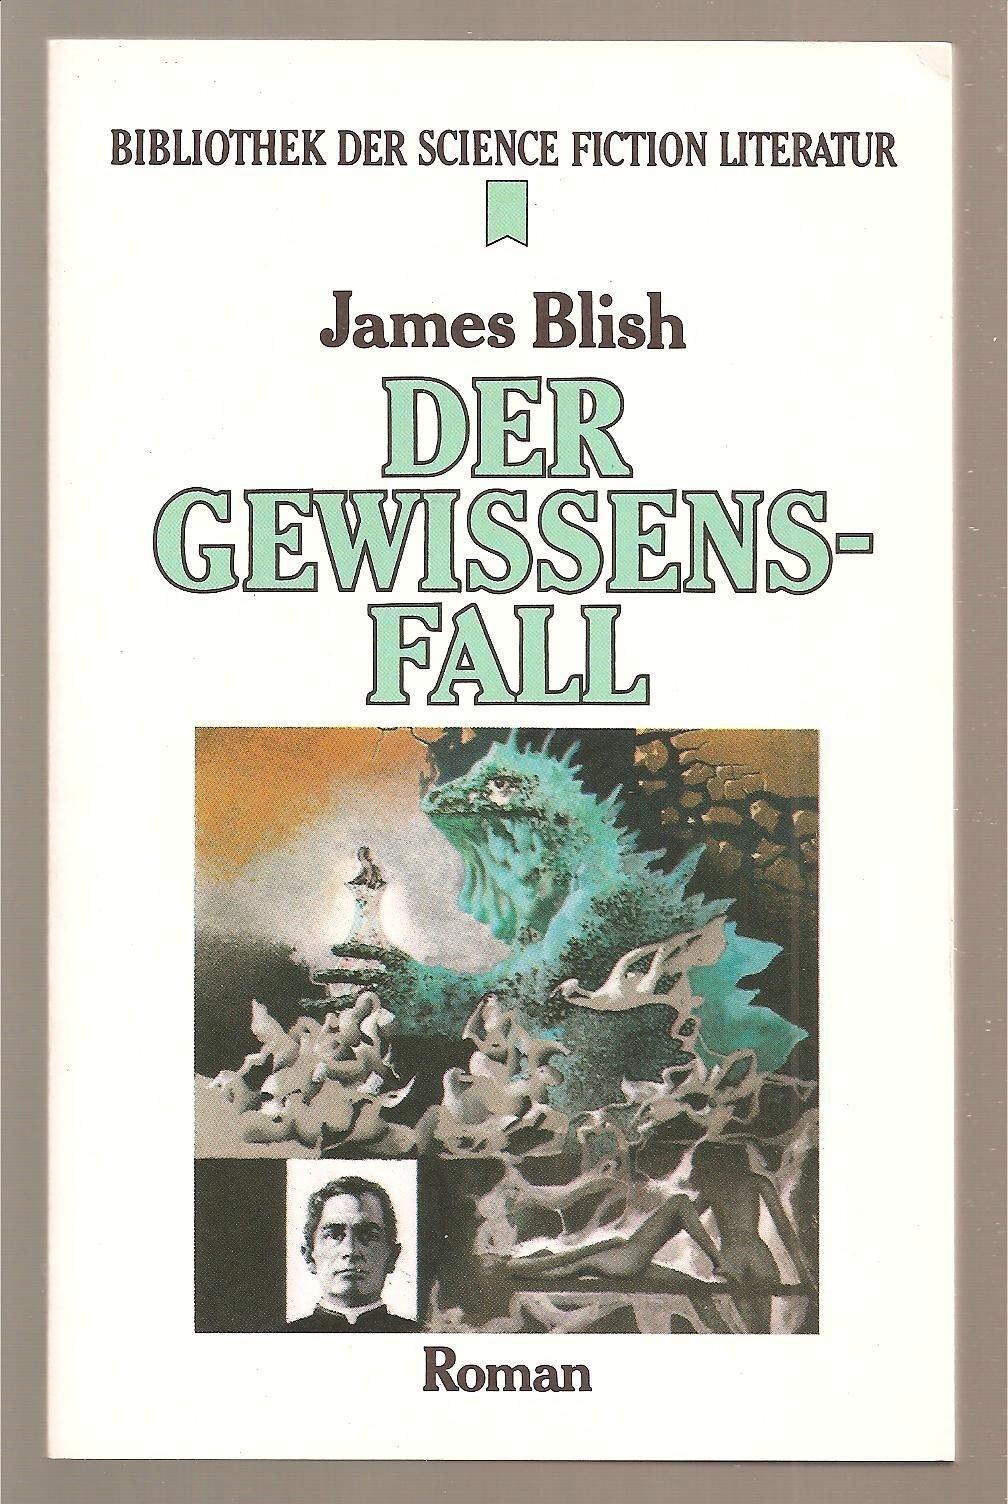 Der Gewissensfall. by James Blish